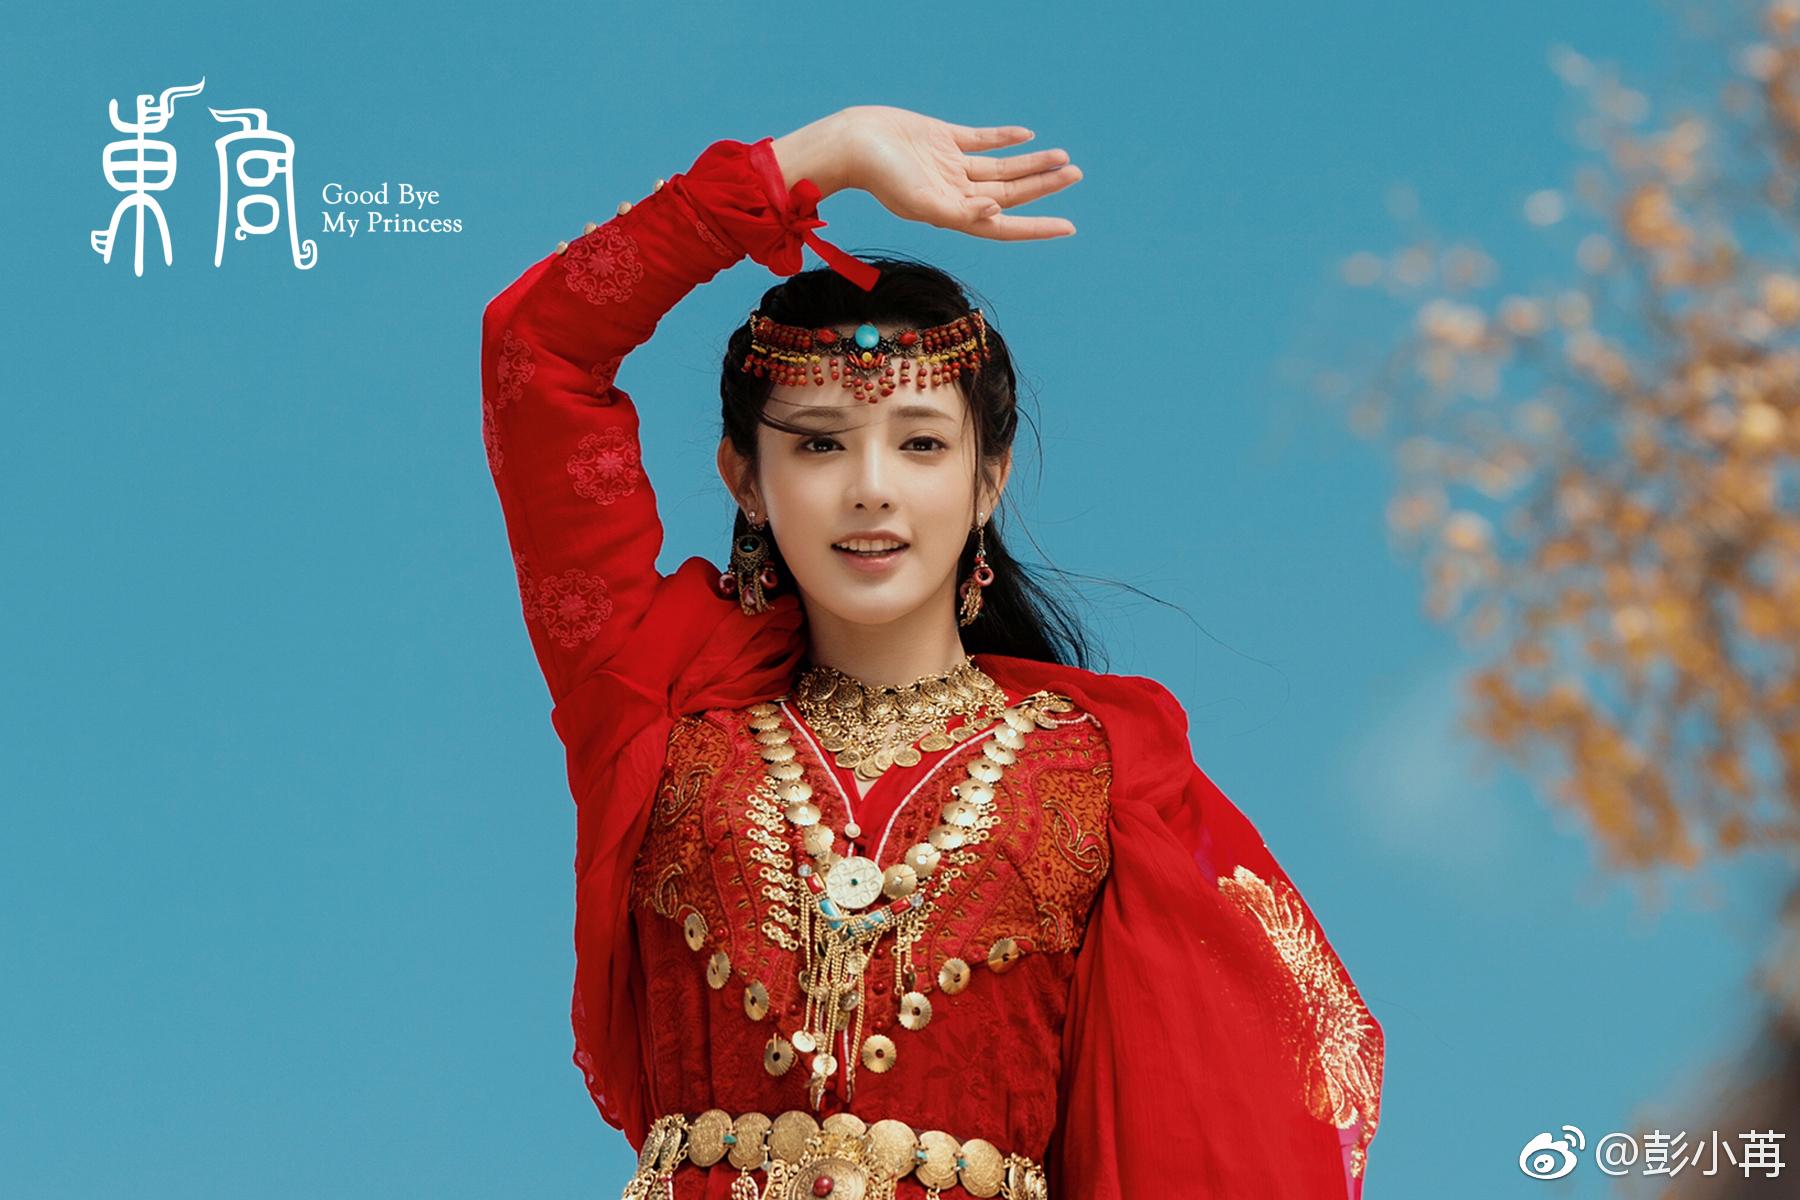 原创            韩国票选出最受欢迎女主角